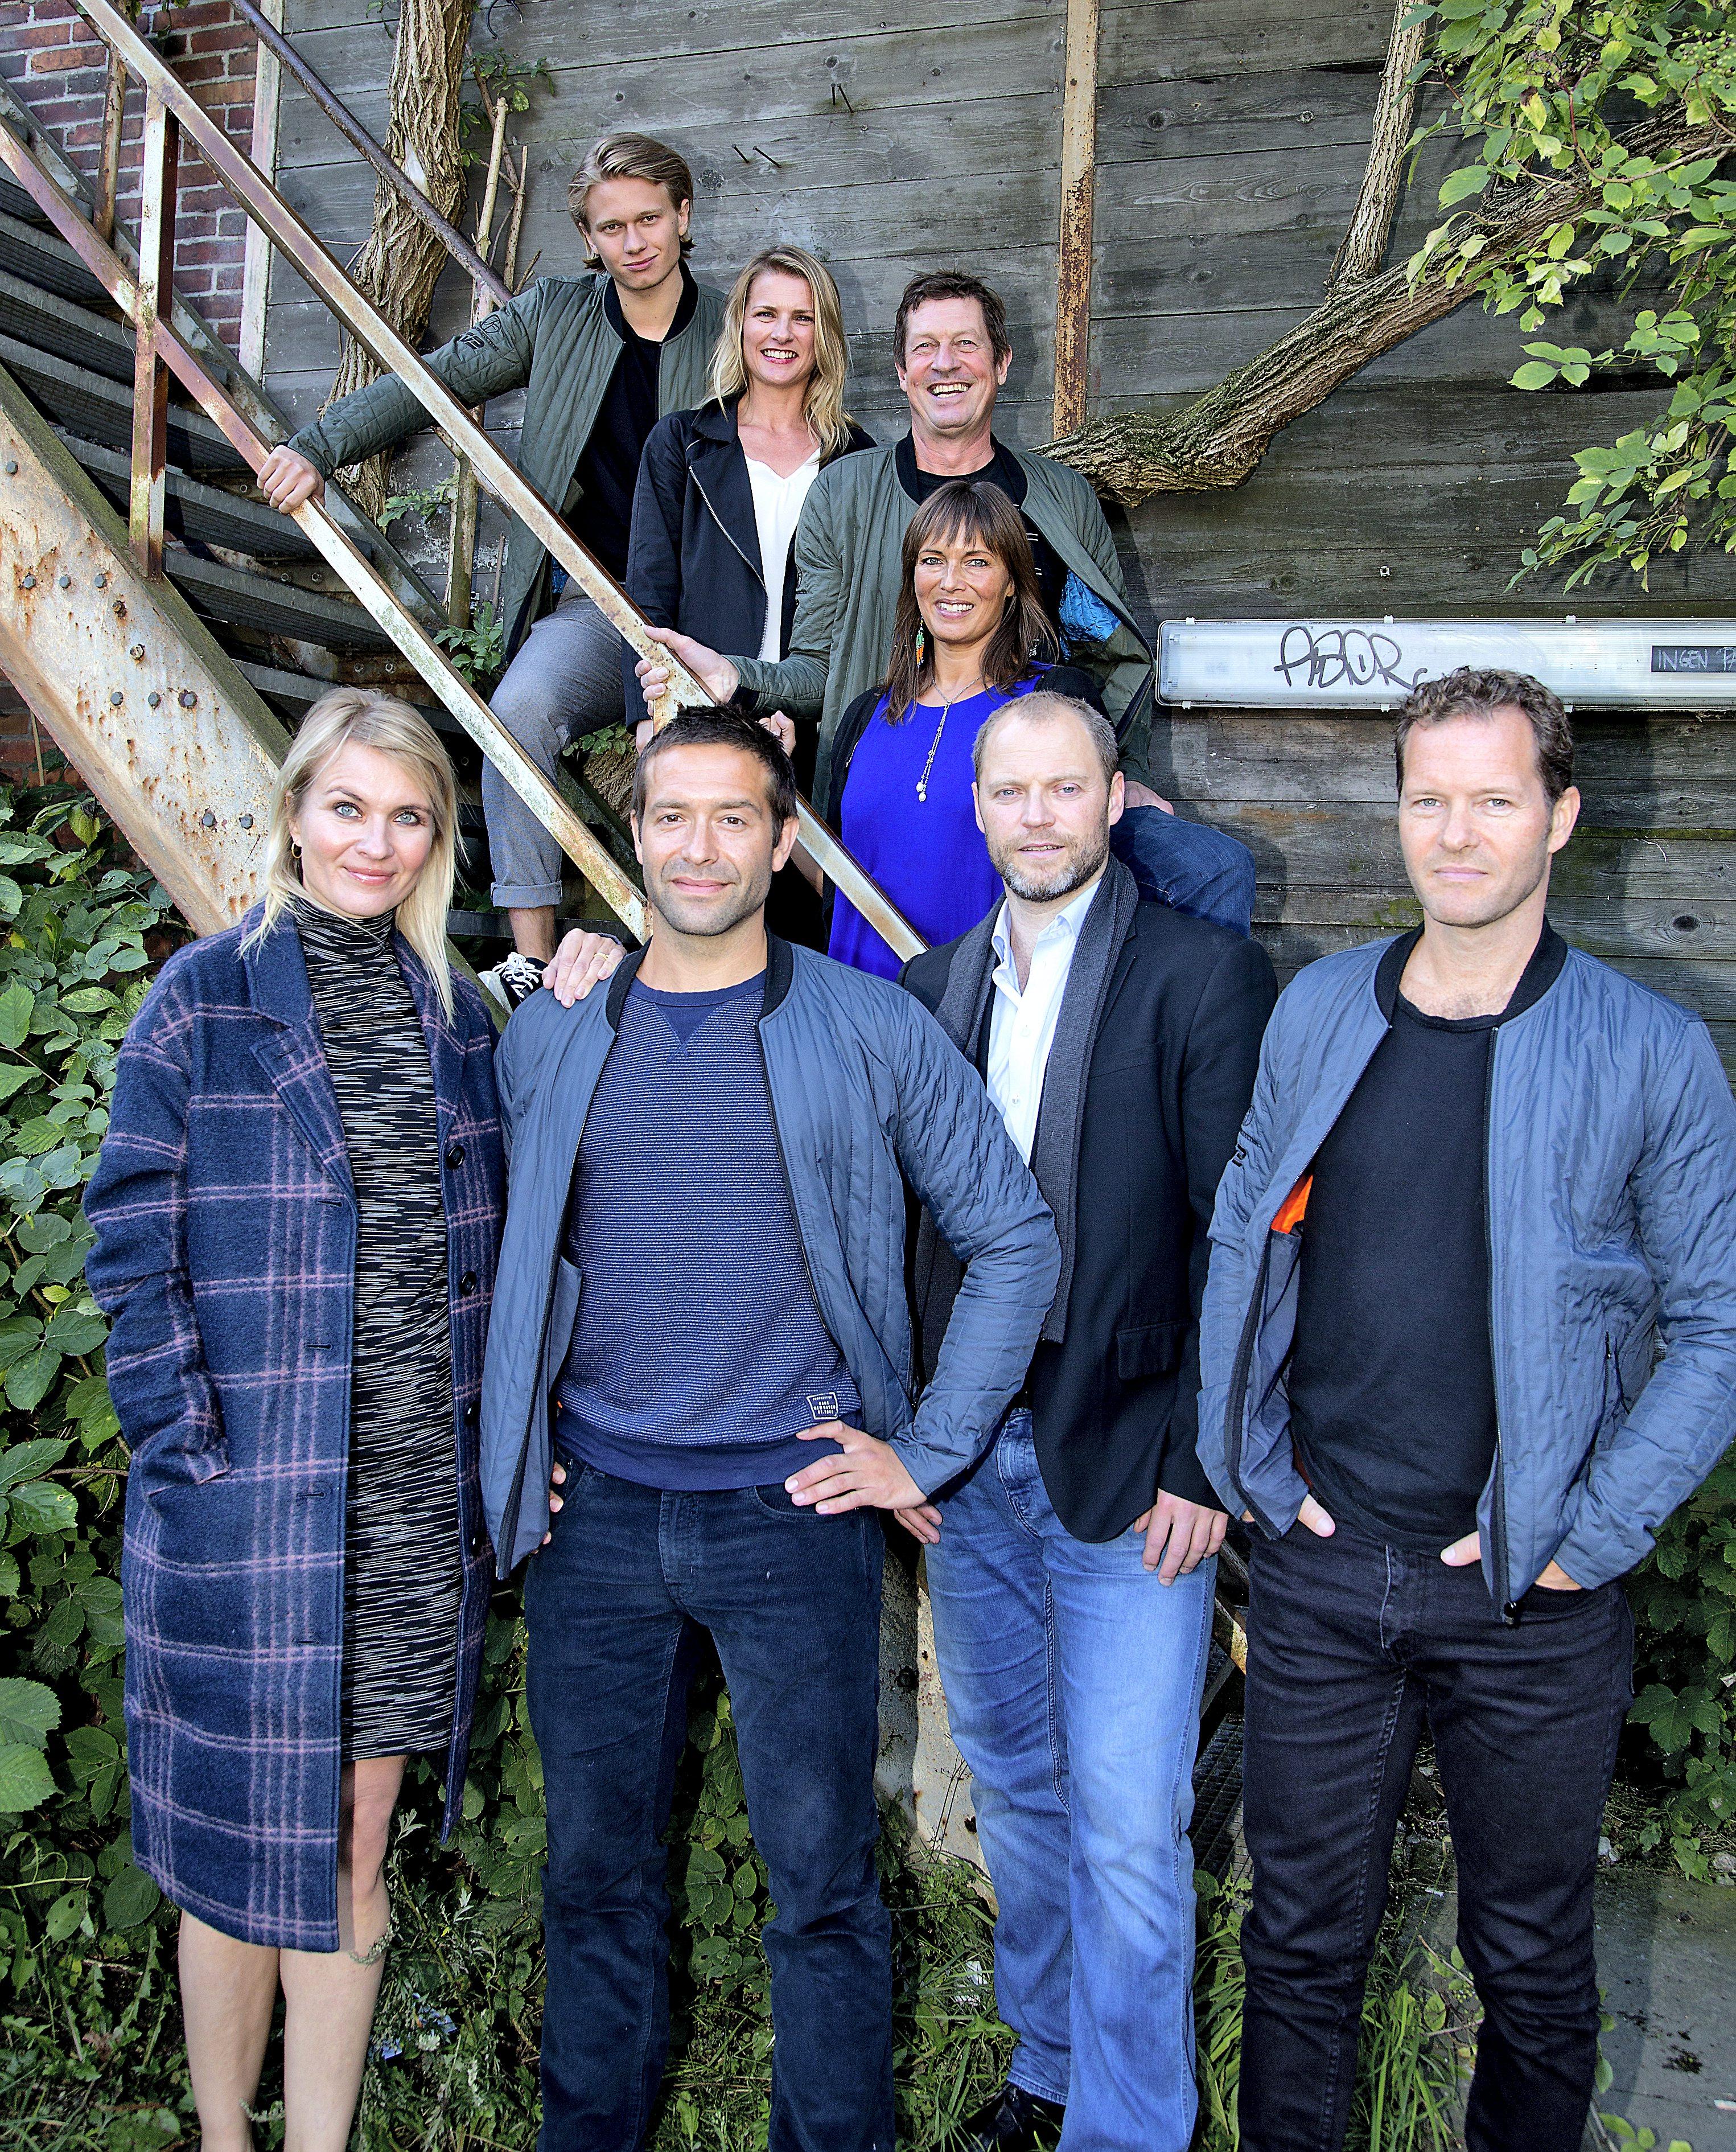 Annemette Andersen, Henrik Birch, Thomas Levin, Mette Marckmann, Claus Riis Østergaard, Anne Sofie Espersen, Jacob Lohmann, and Mathias Käki Jørgensen in Norskov (2015)